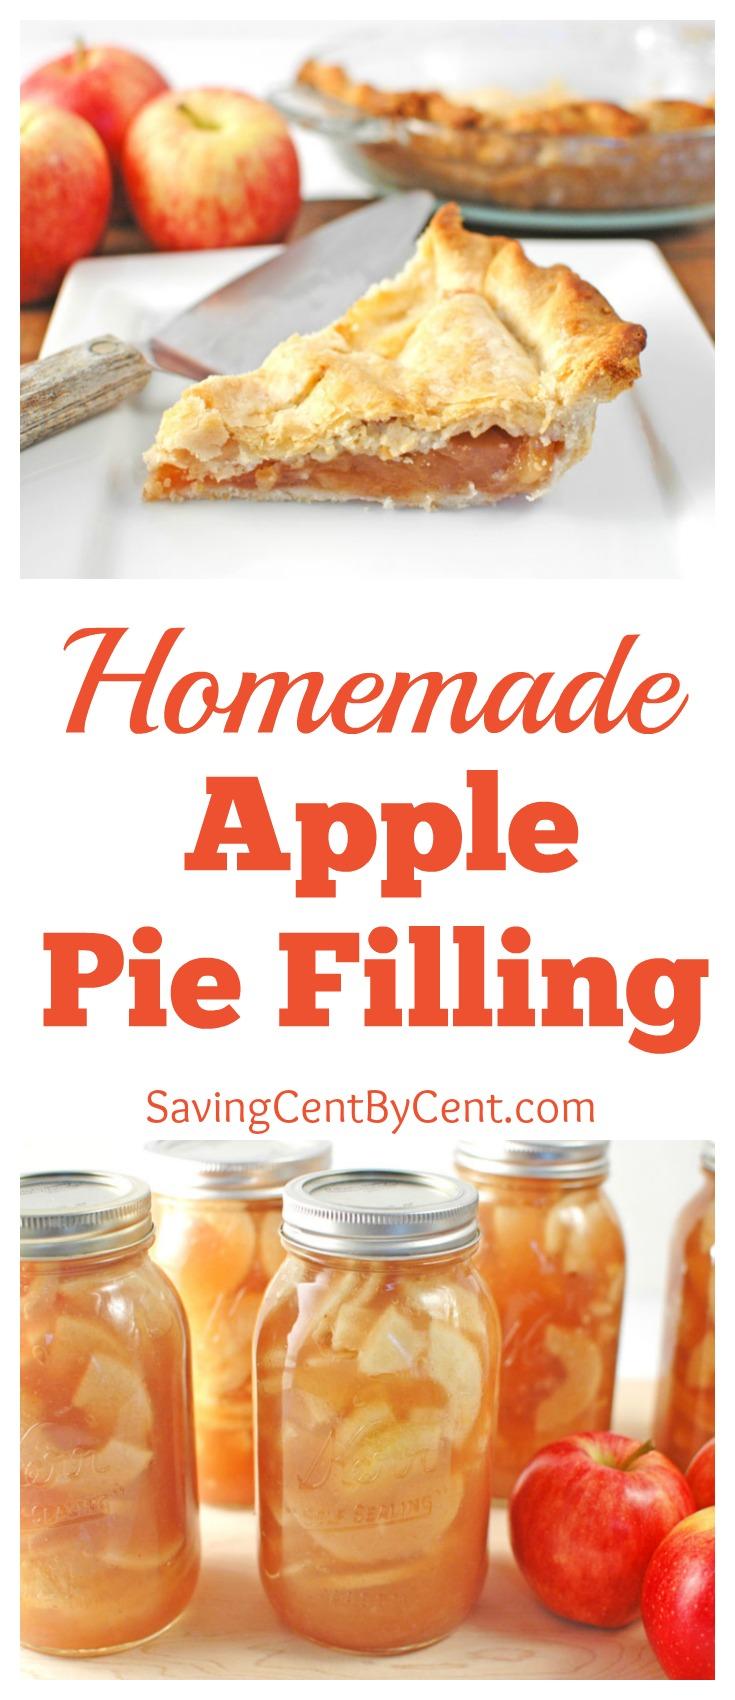 Homemade Apple Pie Filling Bottled